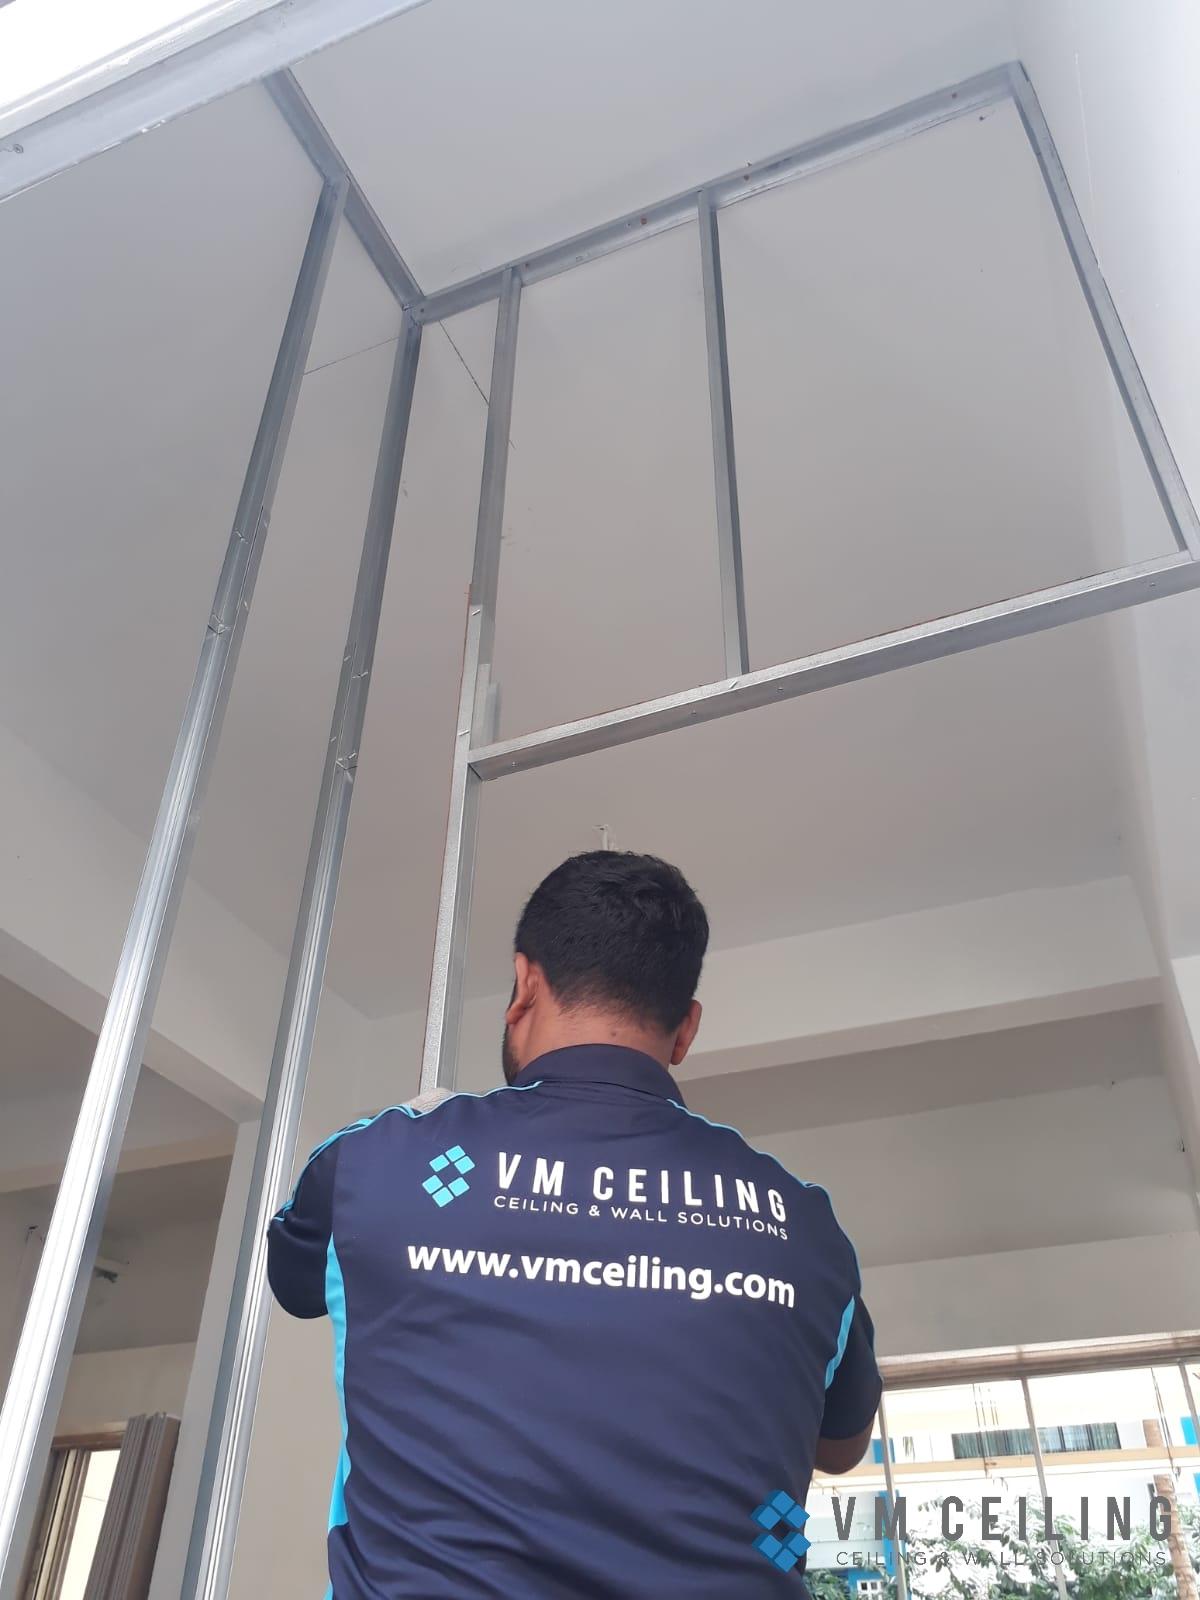 partition wall vm ceiling singapore commercial studio bukit batok 2